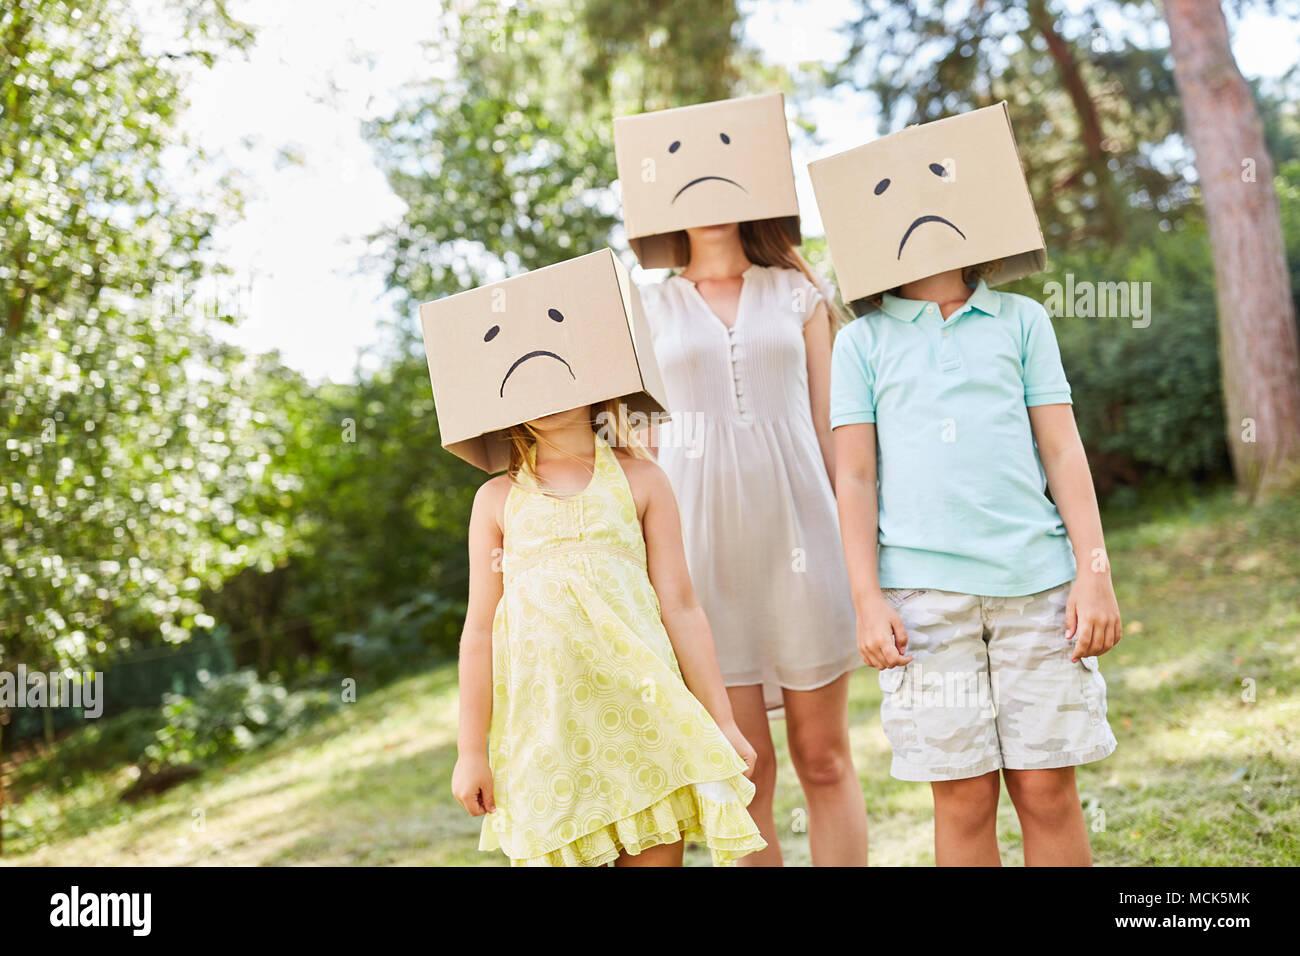 La famille anonyme se cache dans des boîtes de carton avec un chagrin face dans un jardin Photo Stock